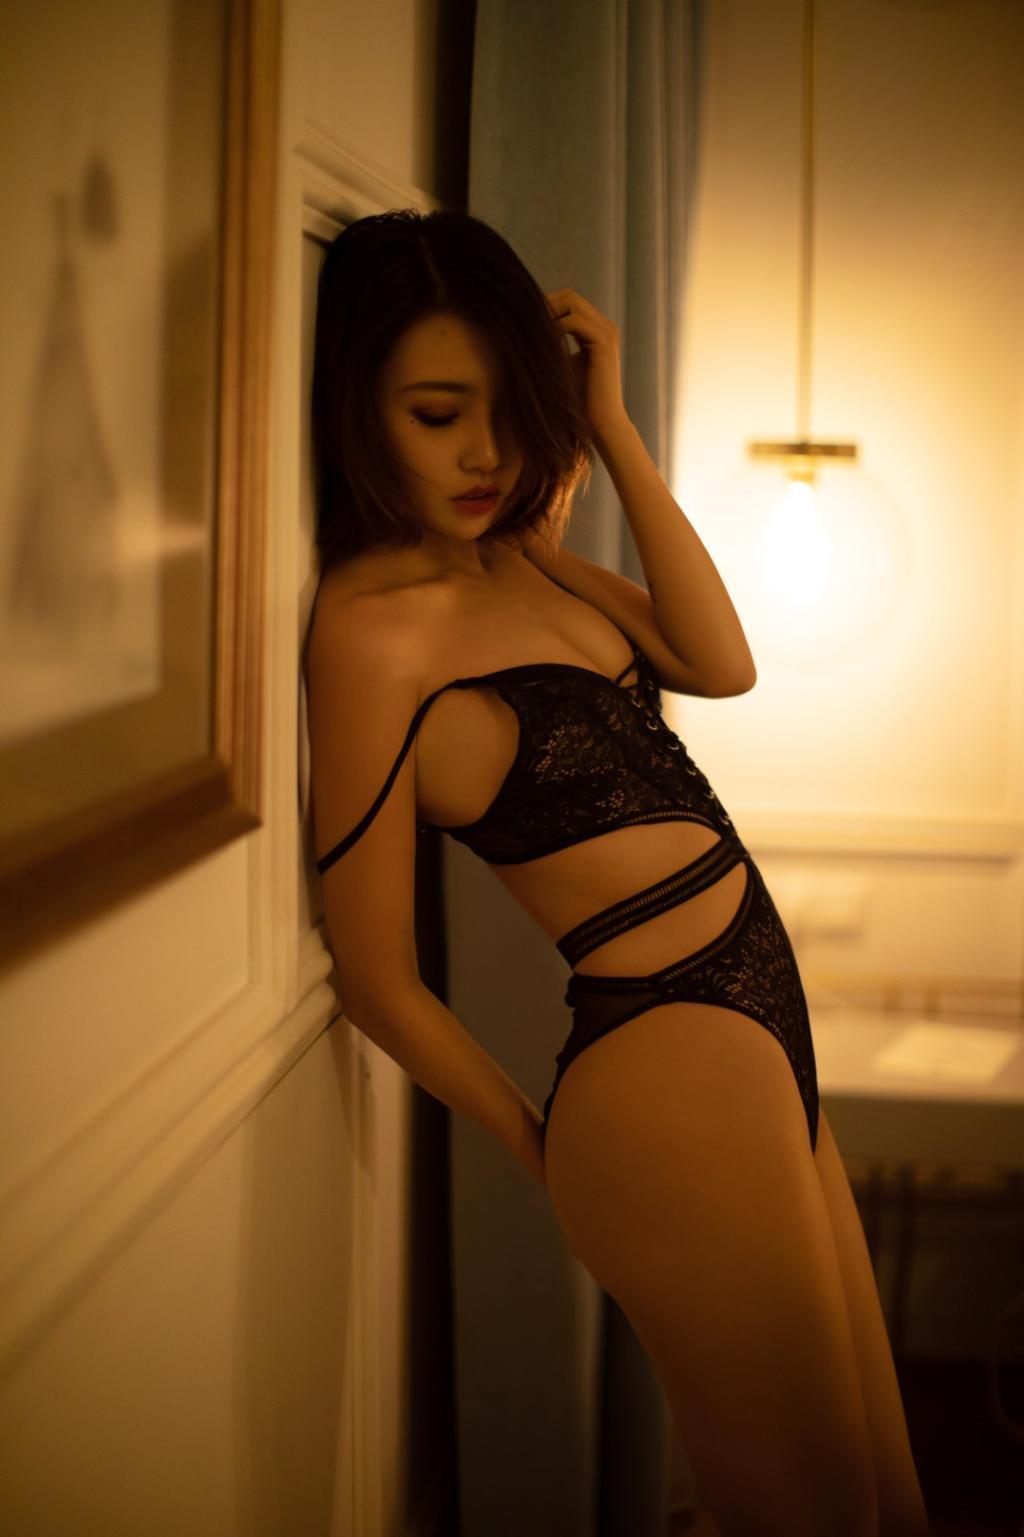 冯木木《孤枕难眠》私房人体艺术摄影写真